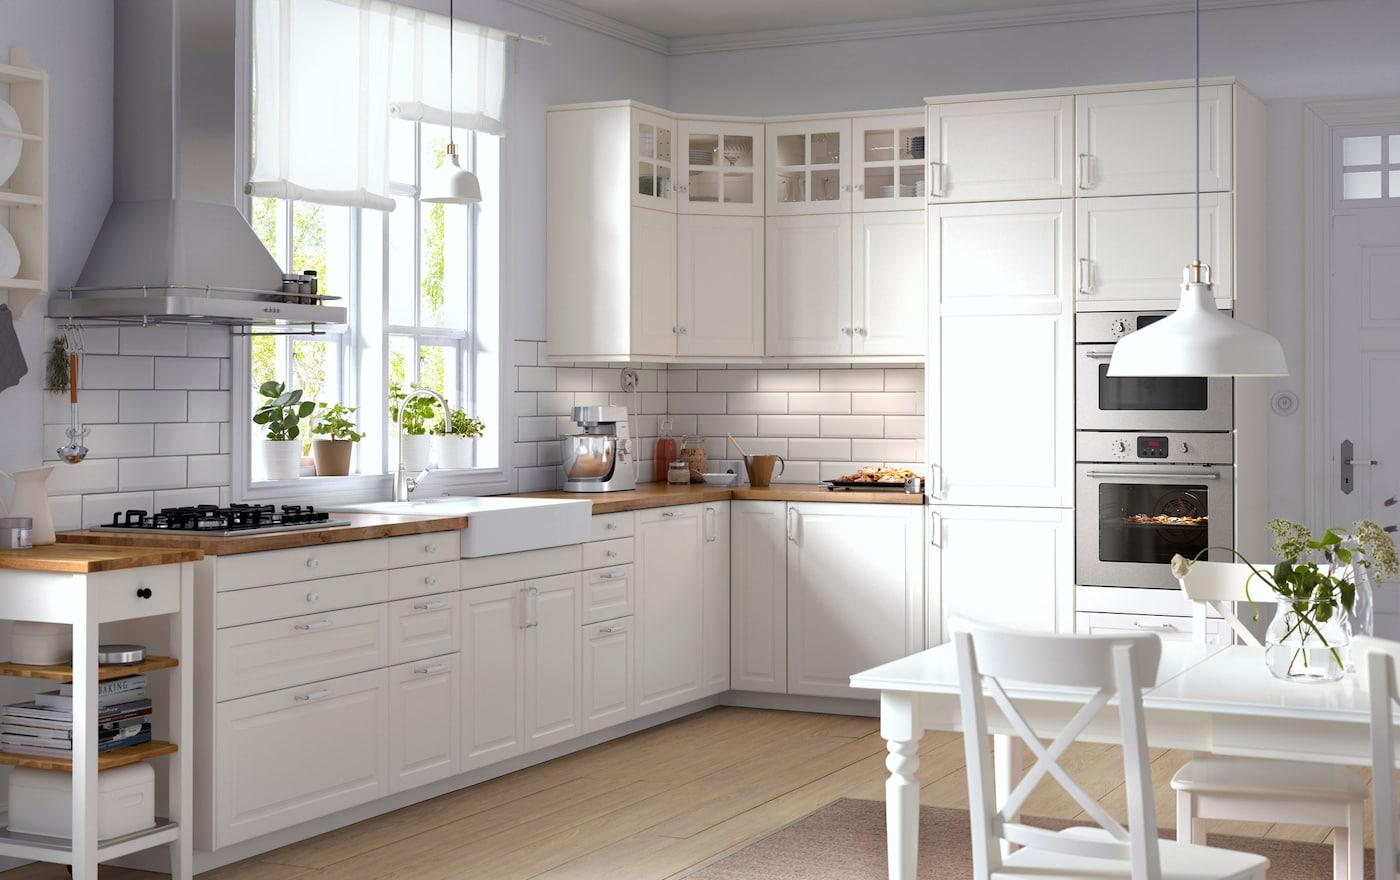 Keuken Ikea Moderne : Een klassieke keuken met moderne apparatuur ikea